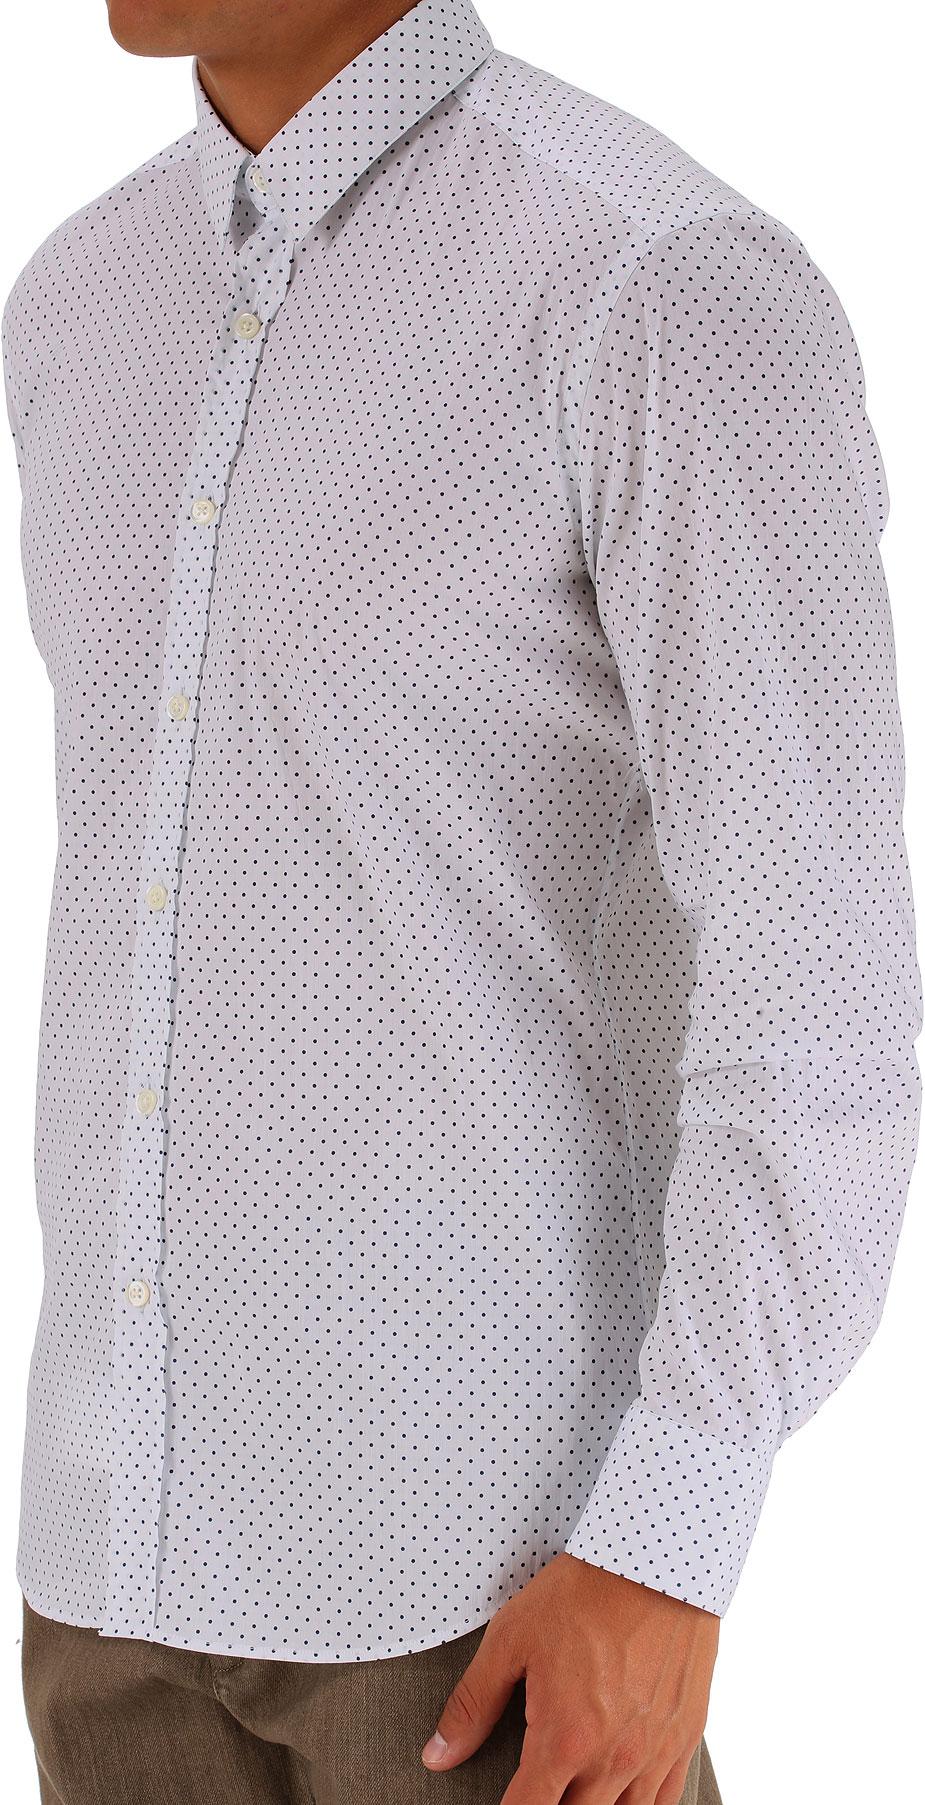 Abbigliamento Uomo Bagutta, Codice Articolo: pier-04187-601